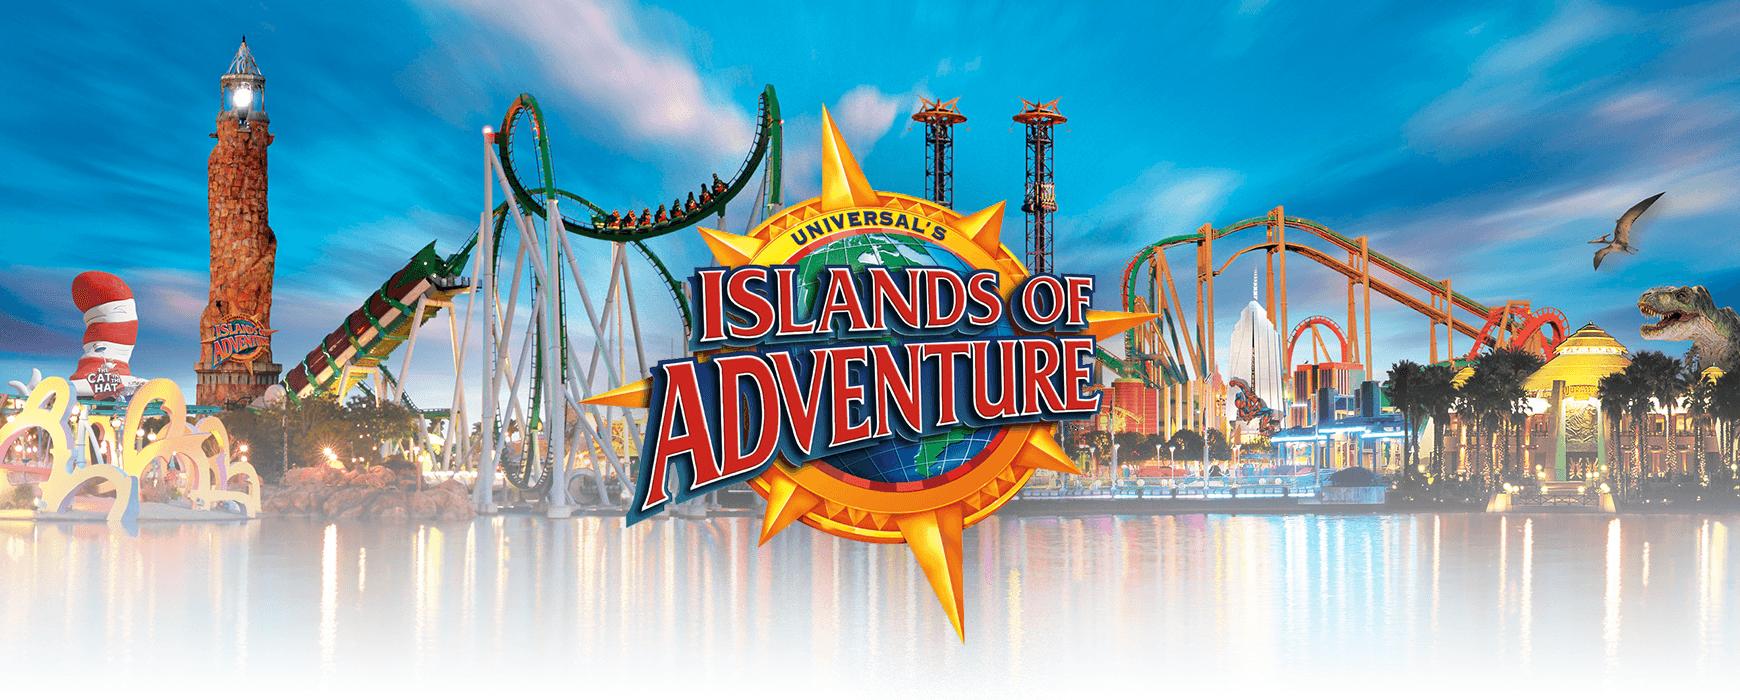 Islands of Adventure Cover - Orlando Vacation